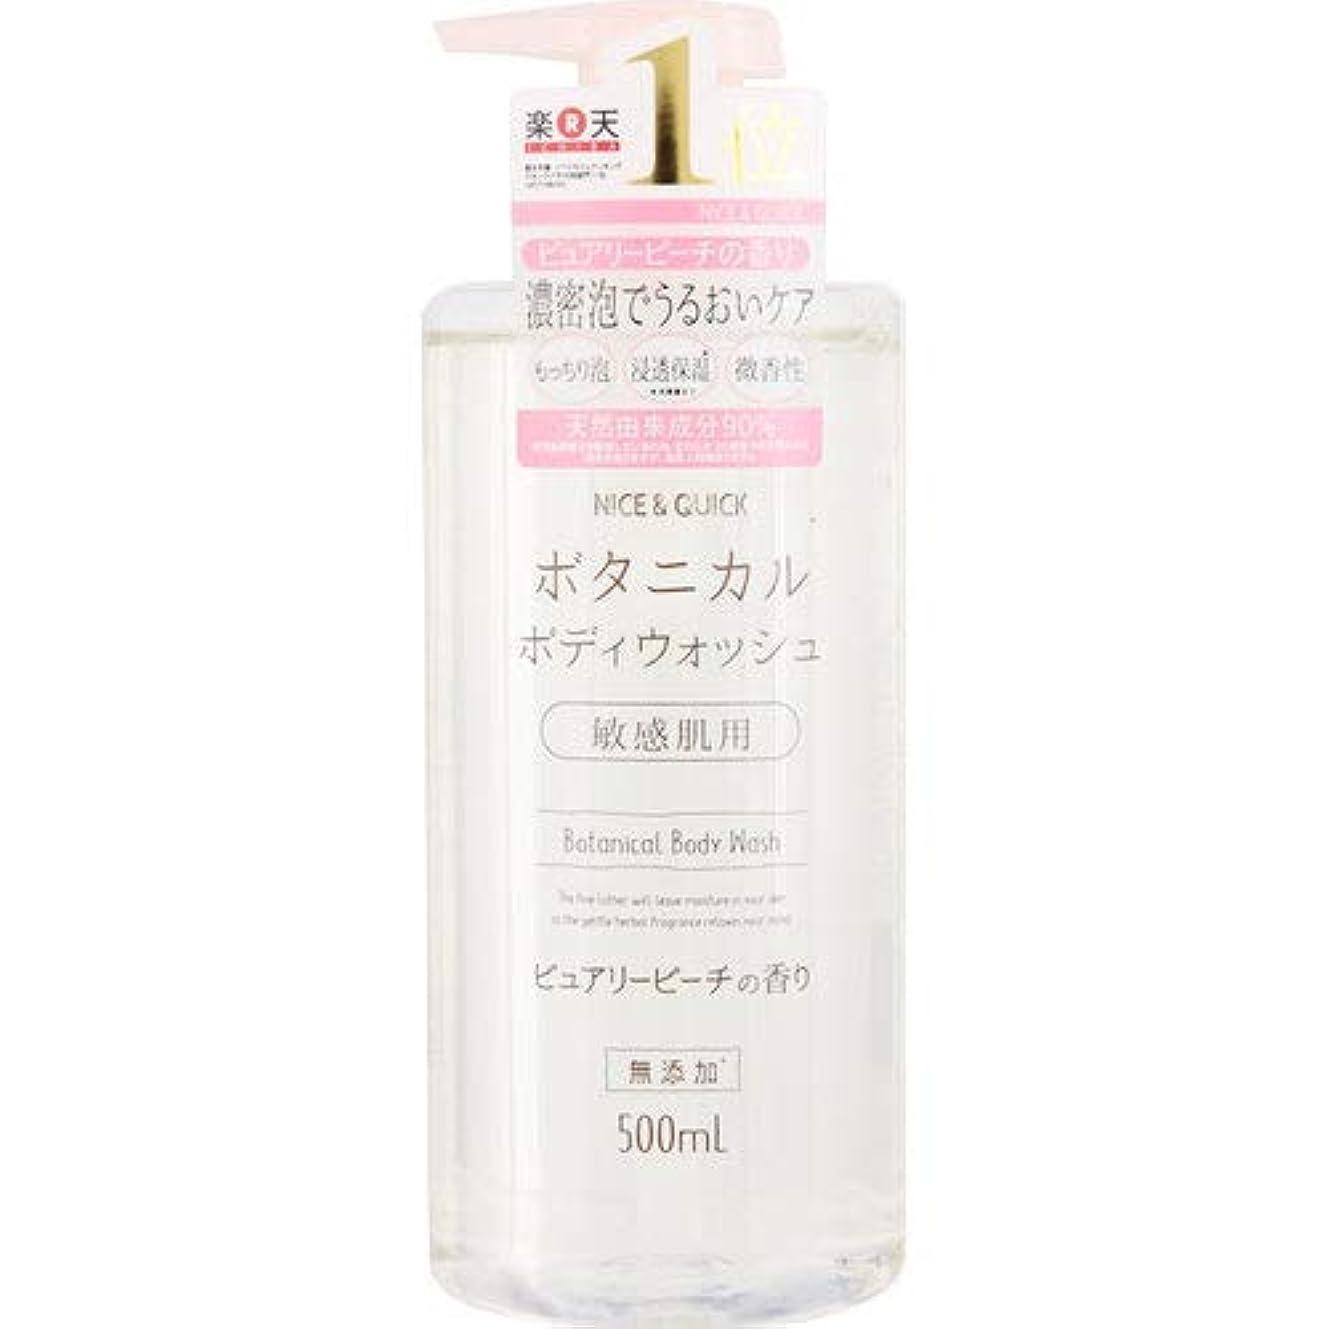 リスナーペインギリックペンフレンドNICE&QUICK ボタニカル ボディウォッシュ ピュアリーピーチの香り 500ml ナイスクイック